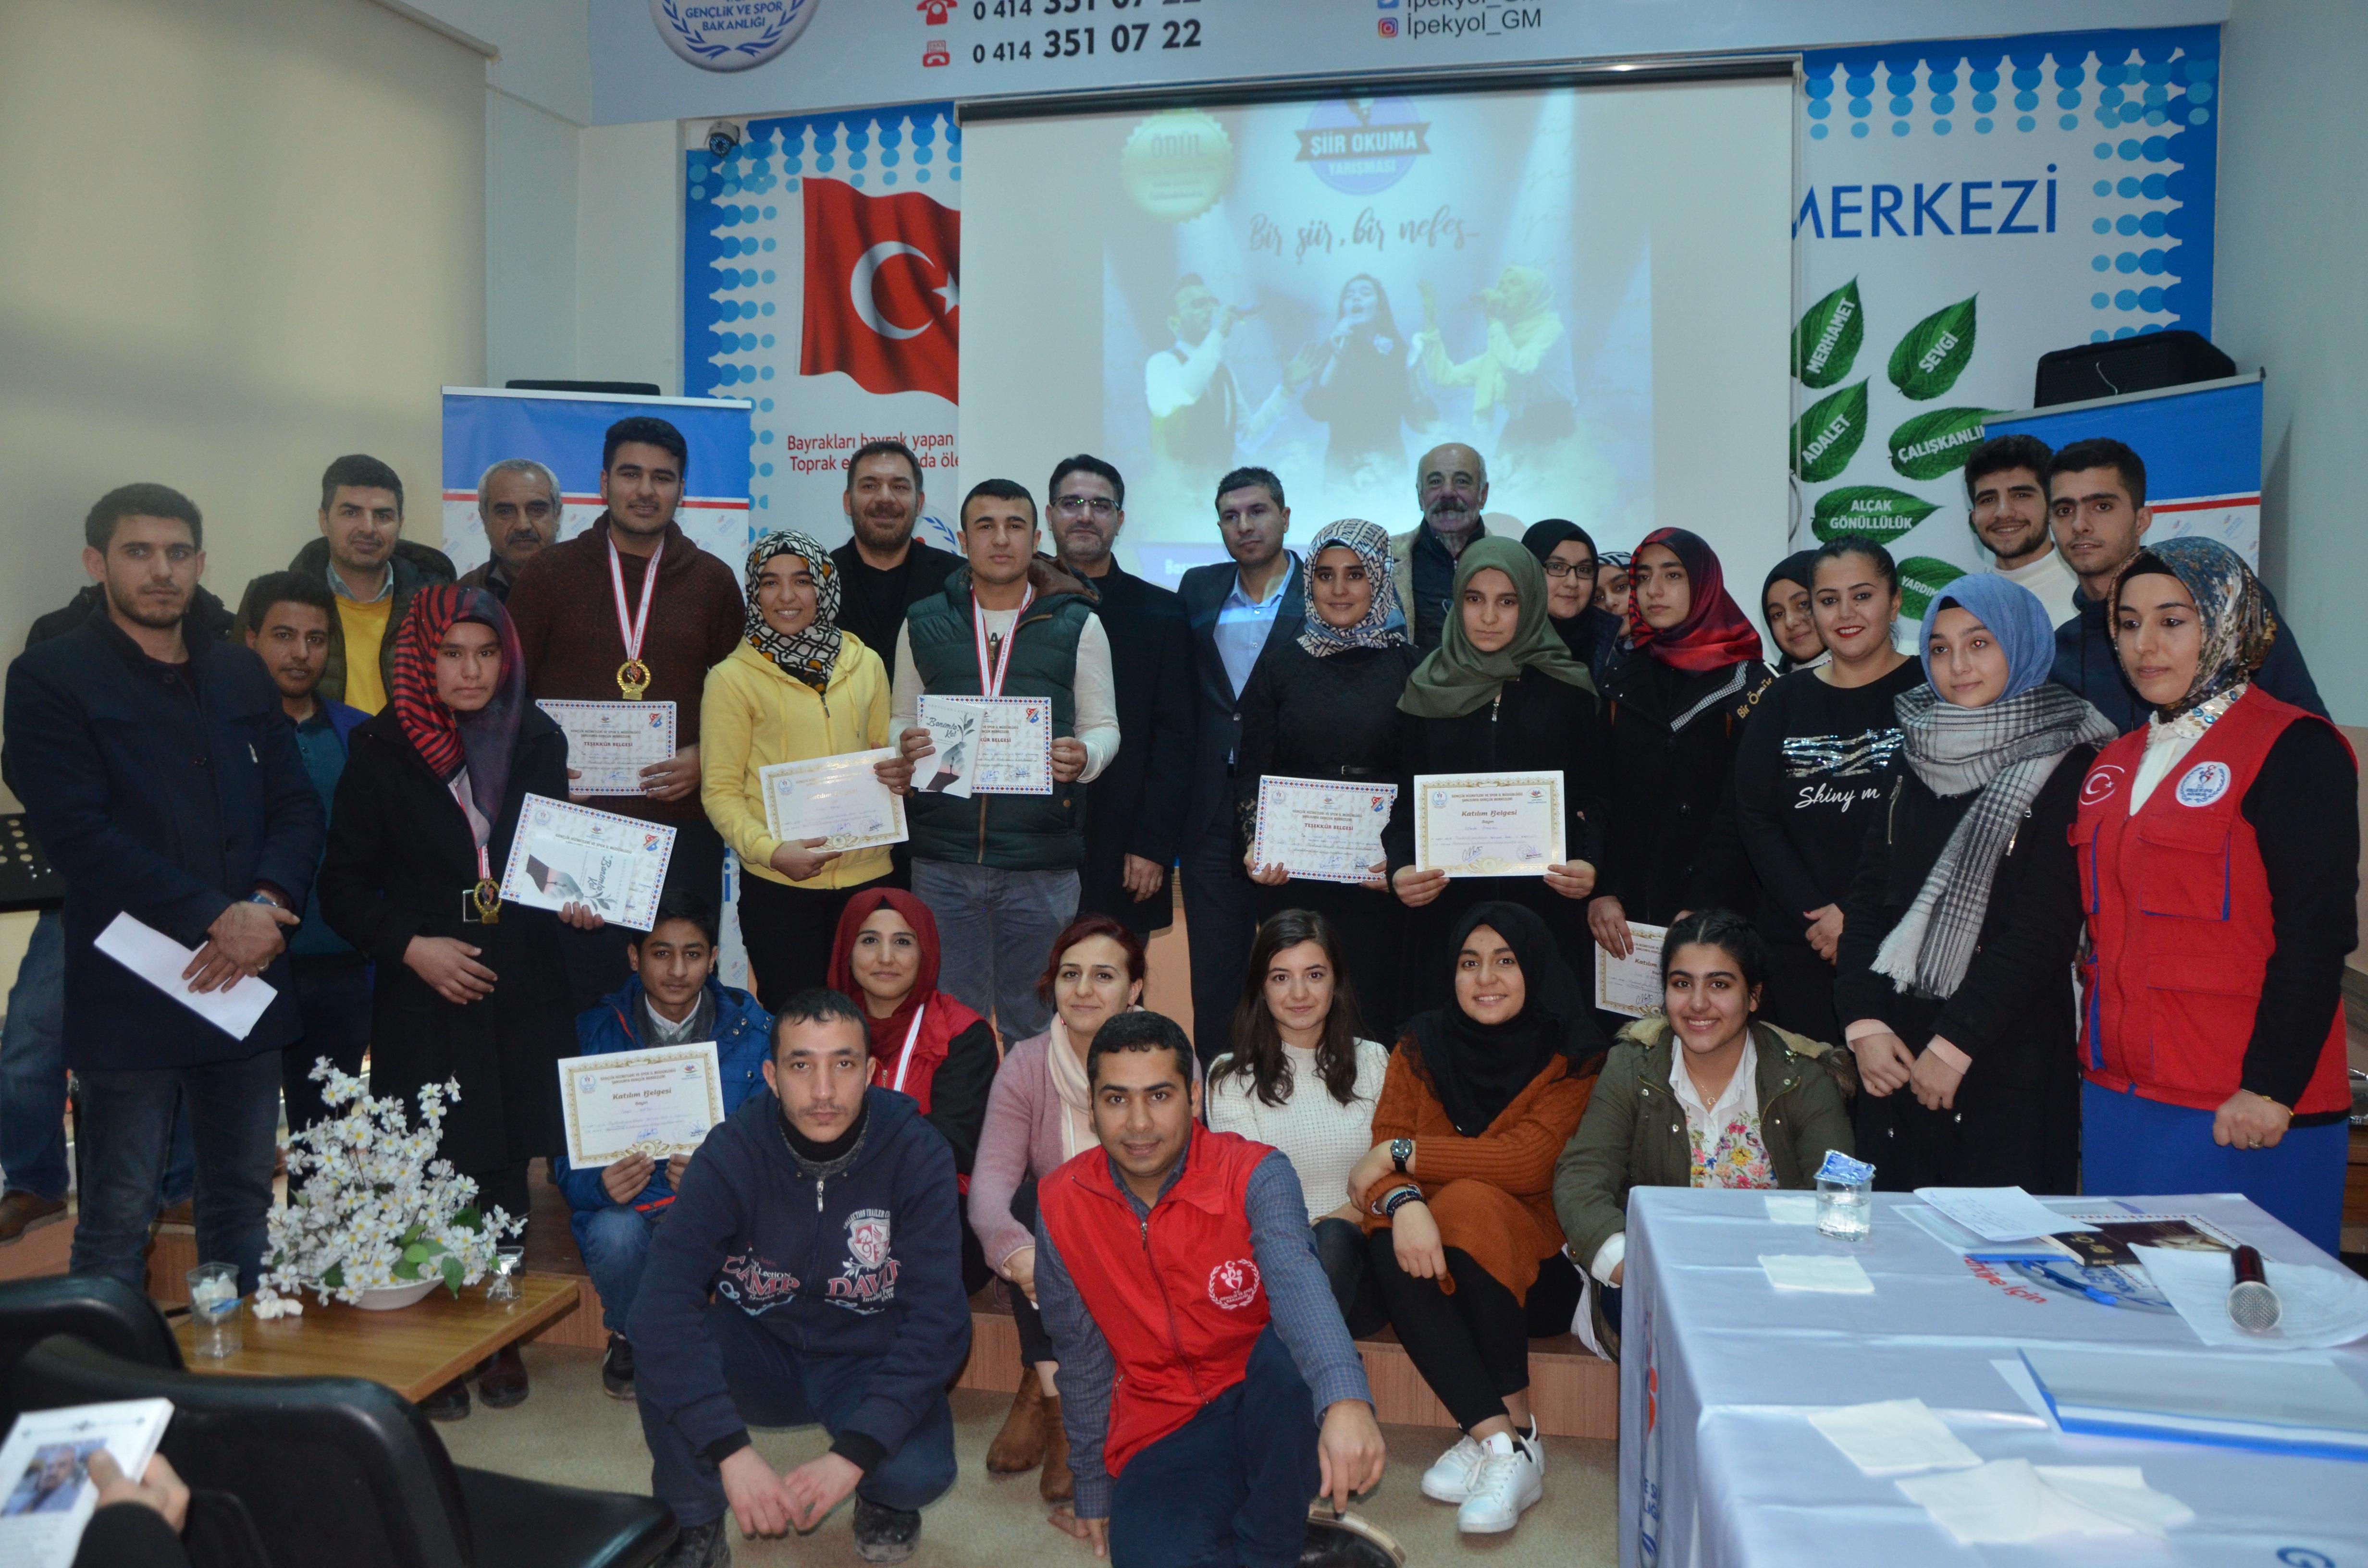 İpekyol Gençlik Merkezinde Gençlerarası Şiir Okuma Yarışması İl Birinciliği